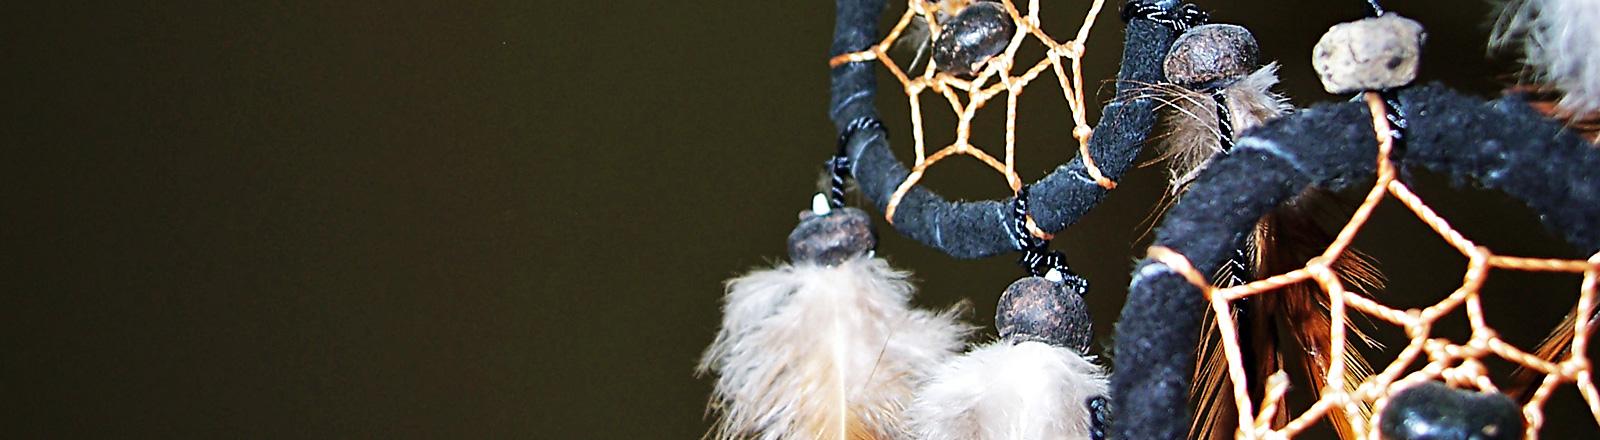 Rechts im Bild ist ein indianischer Traumfänger. An Ringen hängen Federn. In den Ringen sind Fäden gespannt.